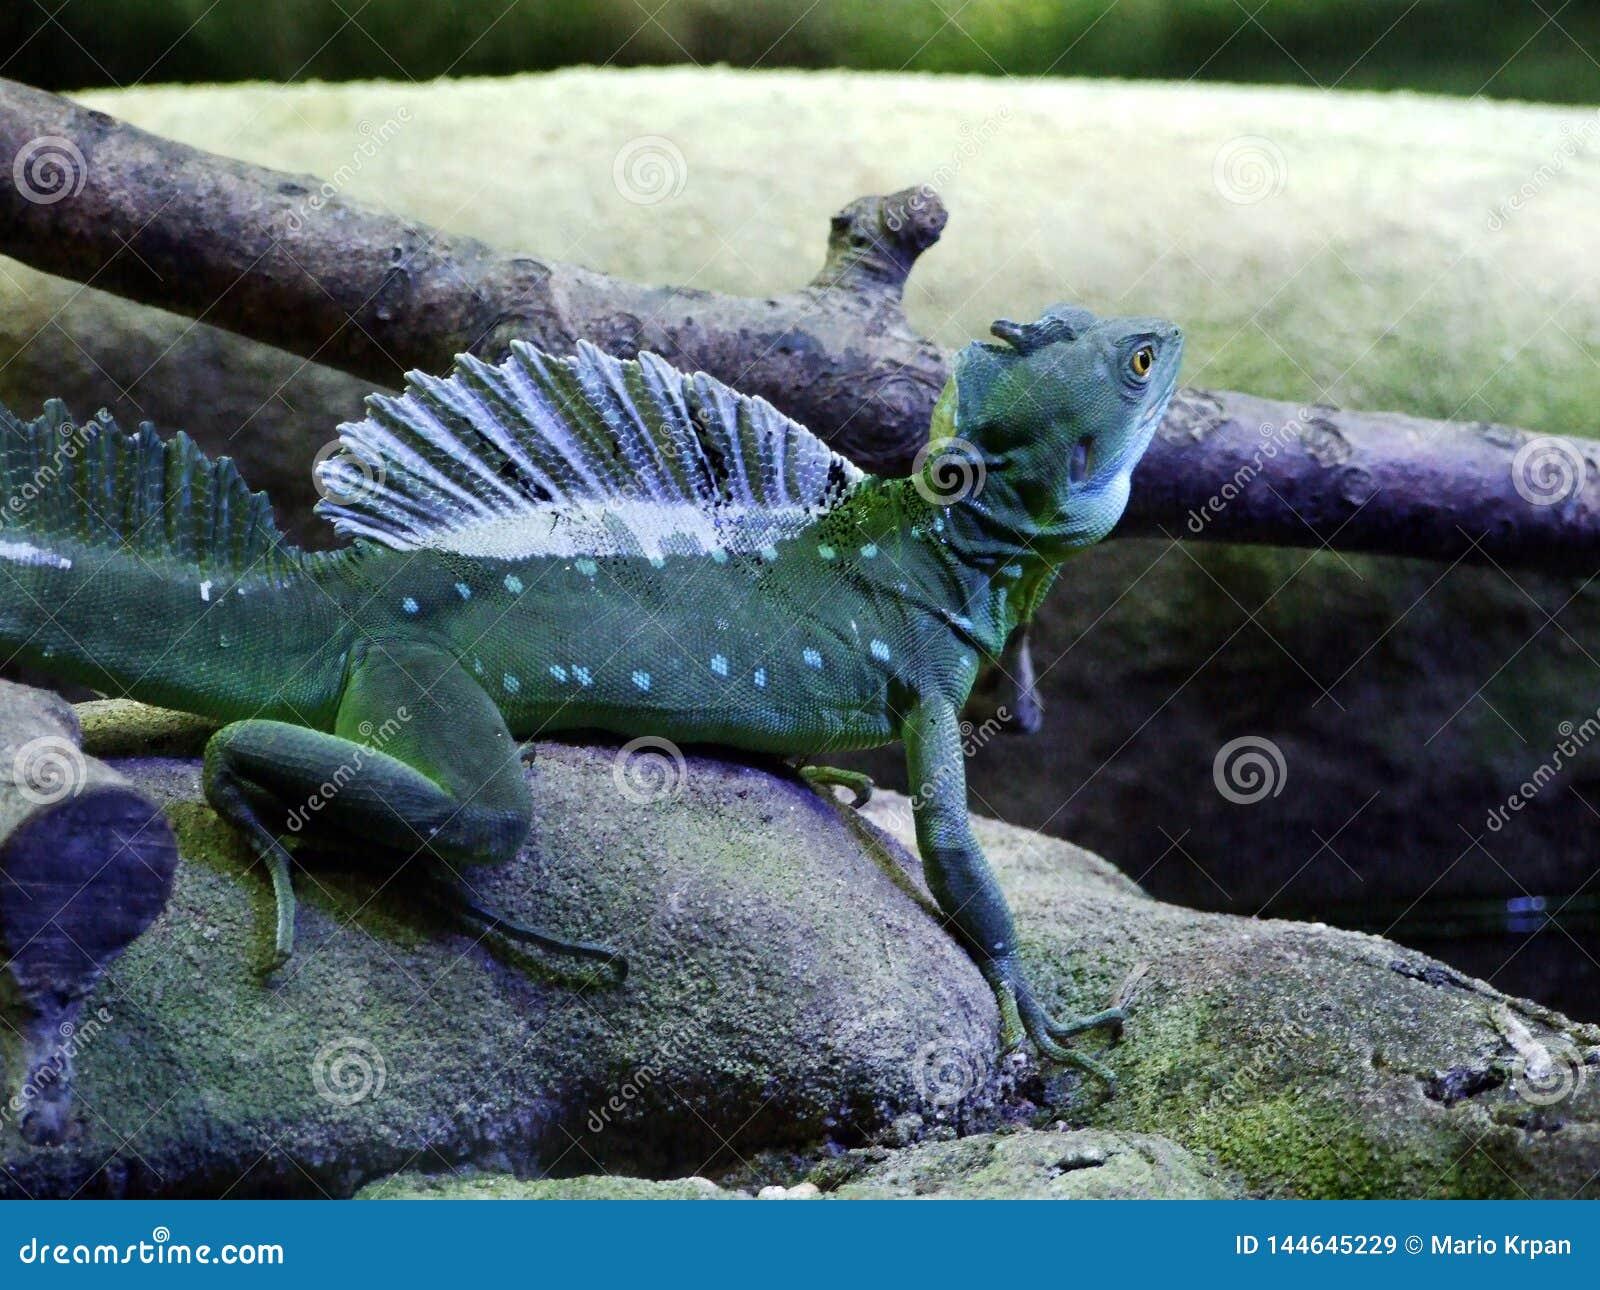 Os plumifrons plumed do Basiliscus do basilisco, o basilisco verde, o basilisco com crista dobro, o lagarto de Jesus Christ ou o